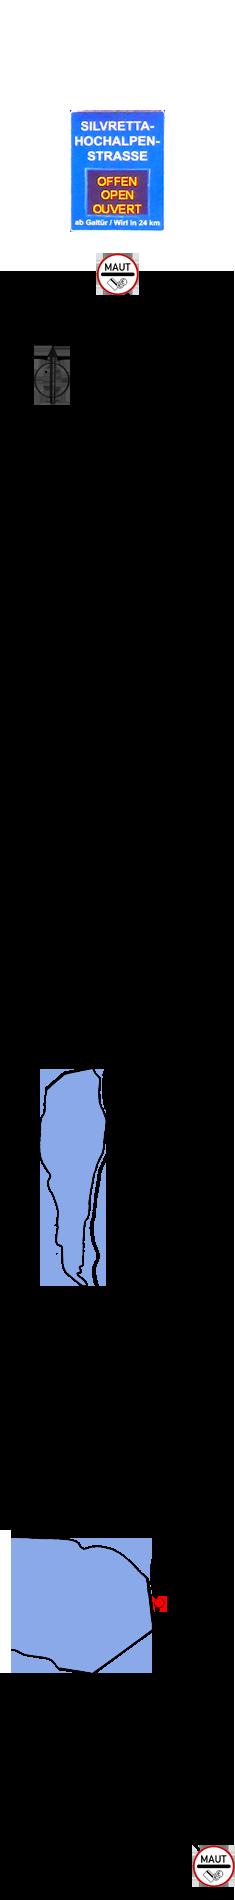 Silvretta Hochalpenstrasse